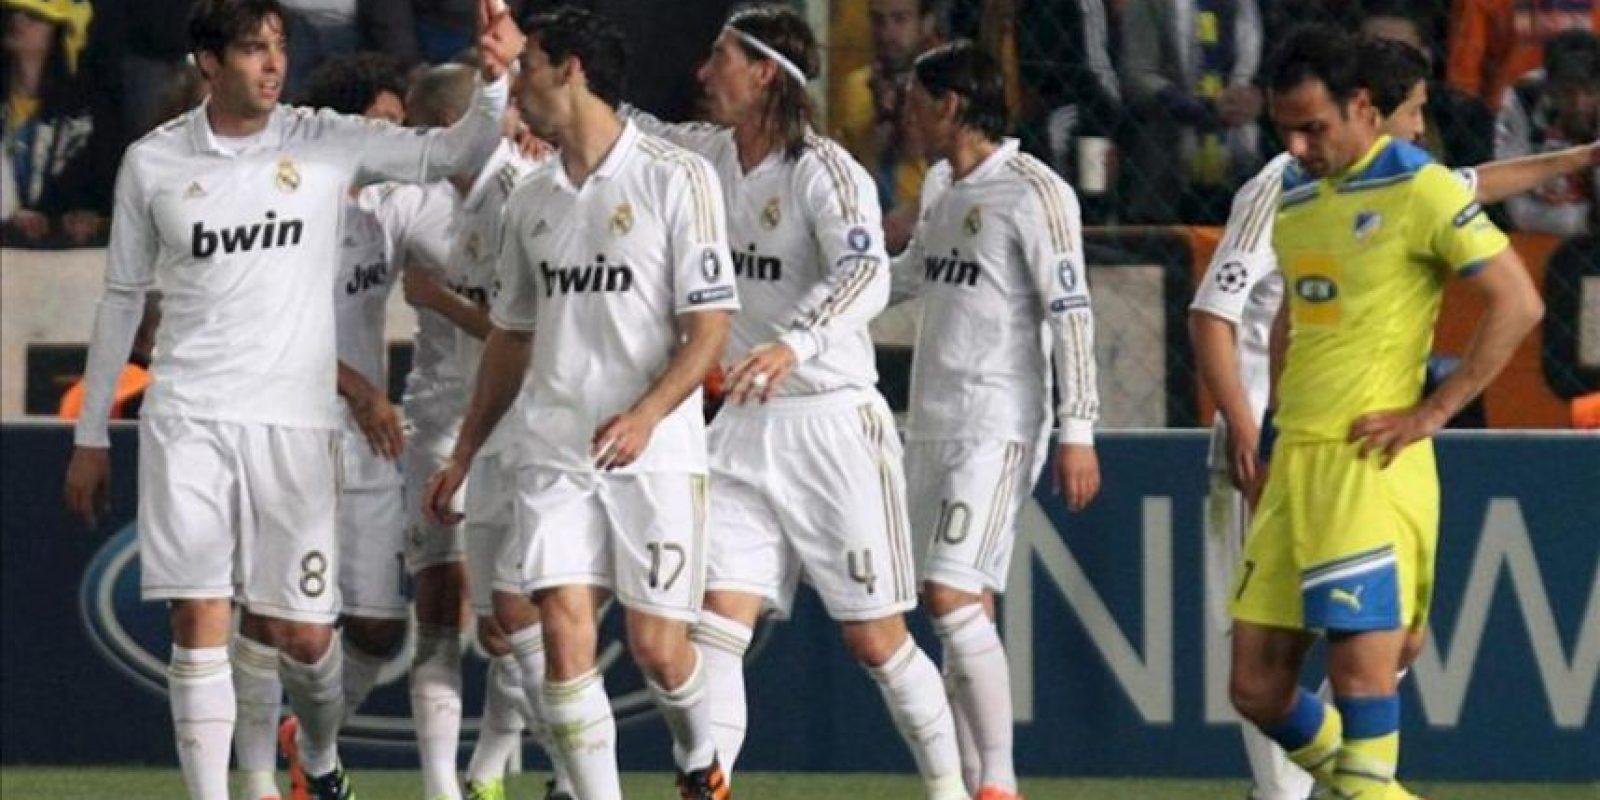 Jugadores del Real Madrid celebran una anotación contra el Apoel FC durante el partido de ida de cuartos de final de Liga de Campeones disputado en el estadio GSP de Nicosia (Chipre). EFE